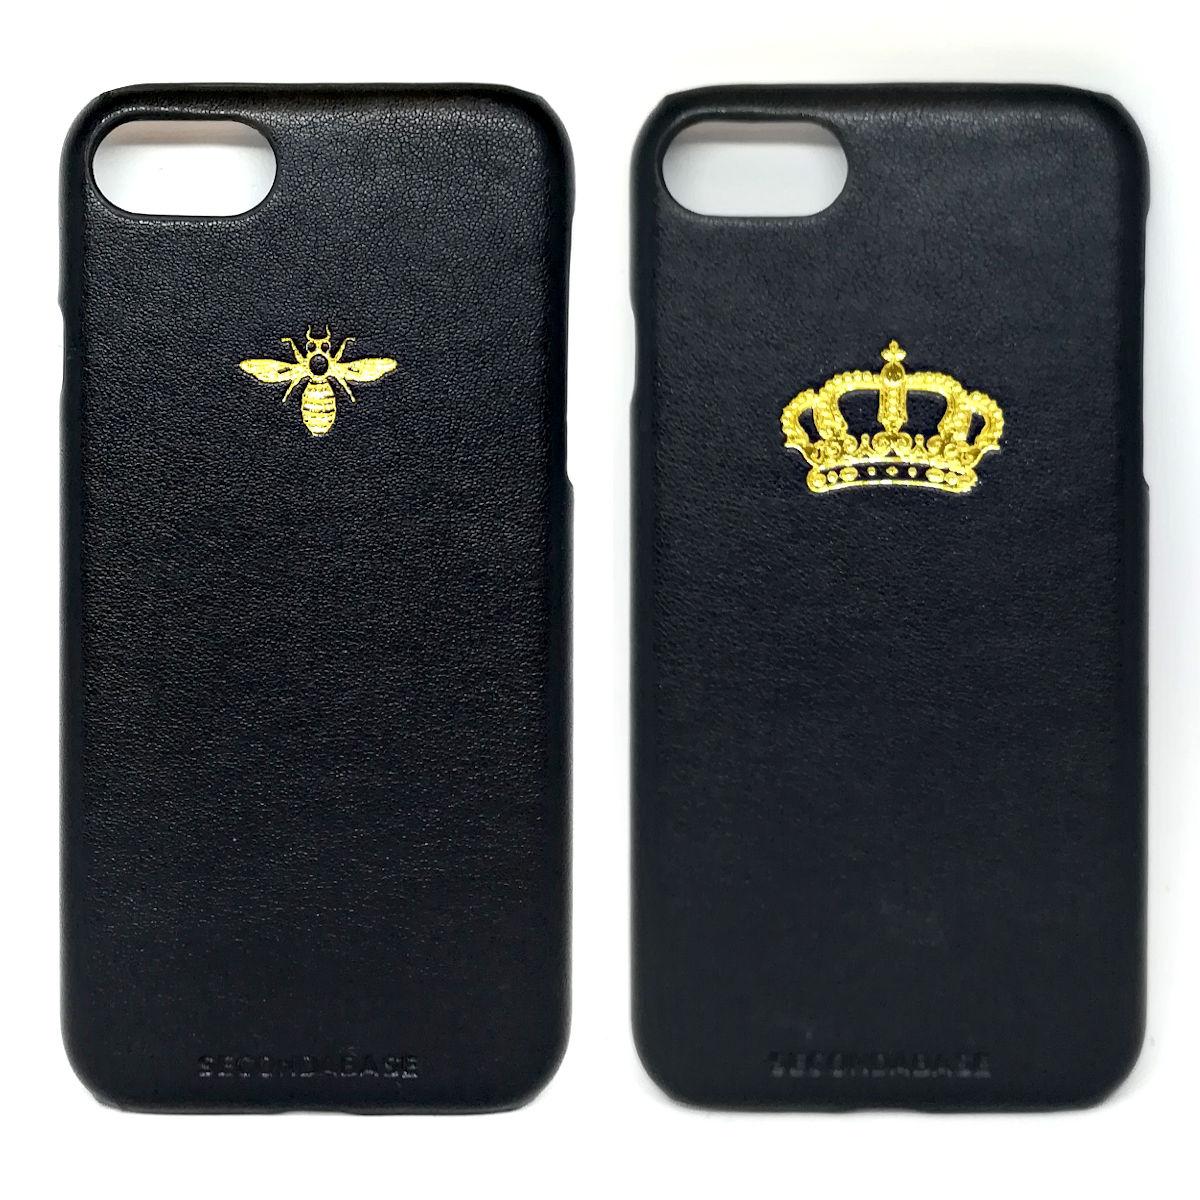 Cover in ecopelle nera marchiata oro a caldo per iPhone 7/8/SE2020 e 7/8 Plus